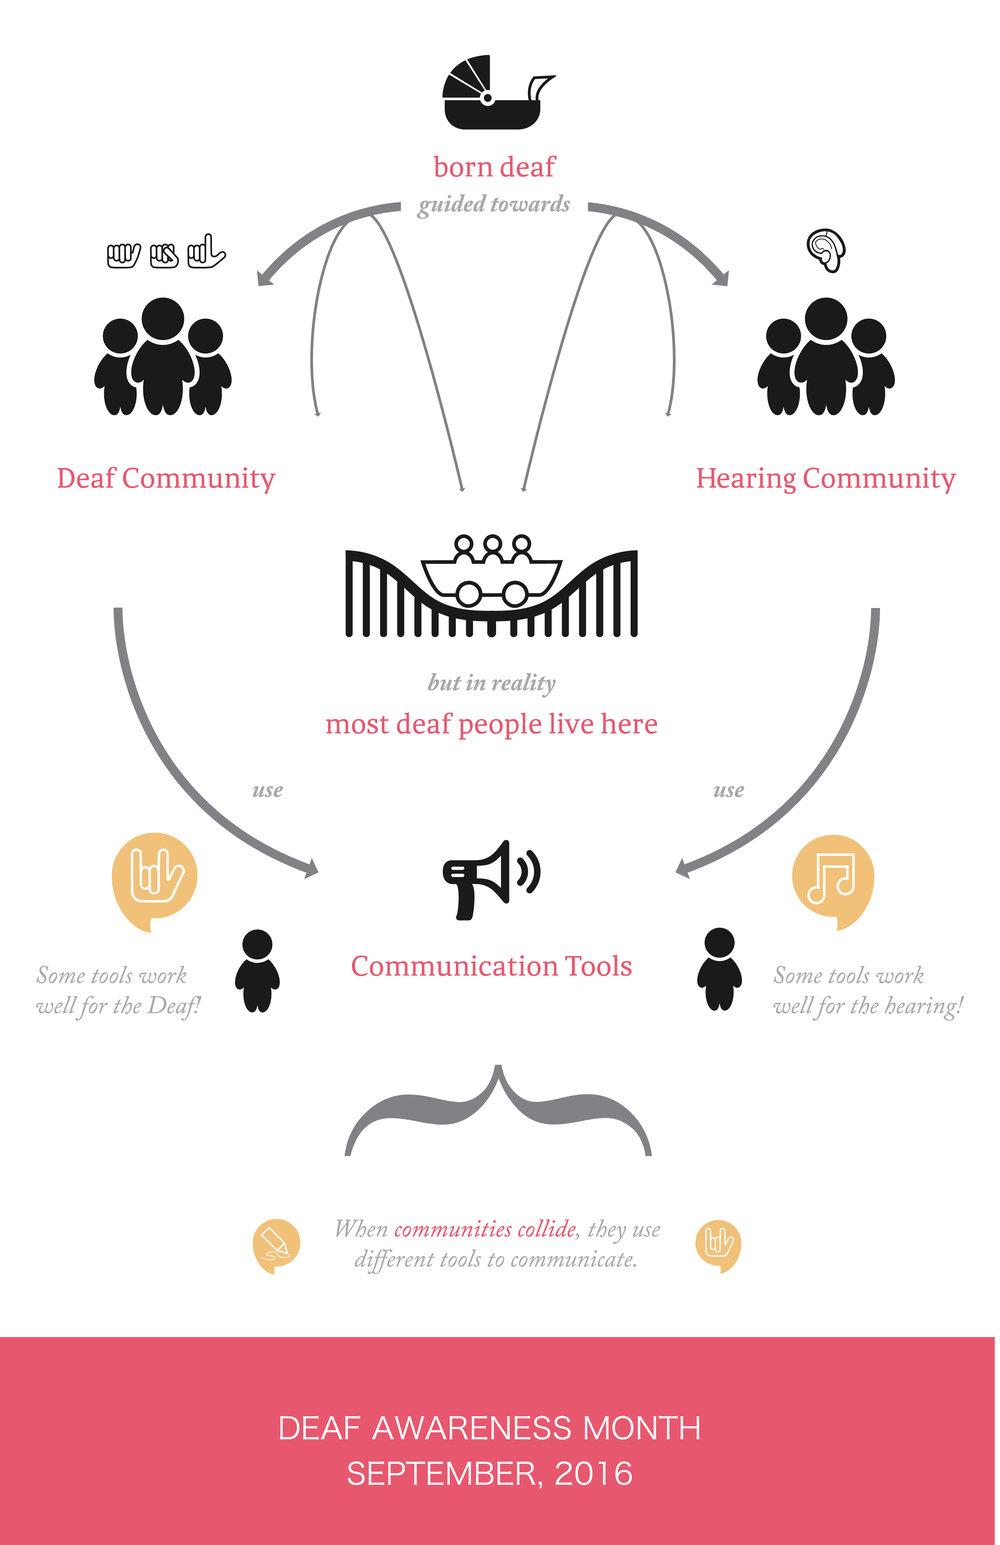 DeafAwarenessPoster-03.jpg